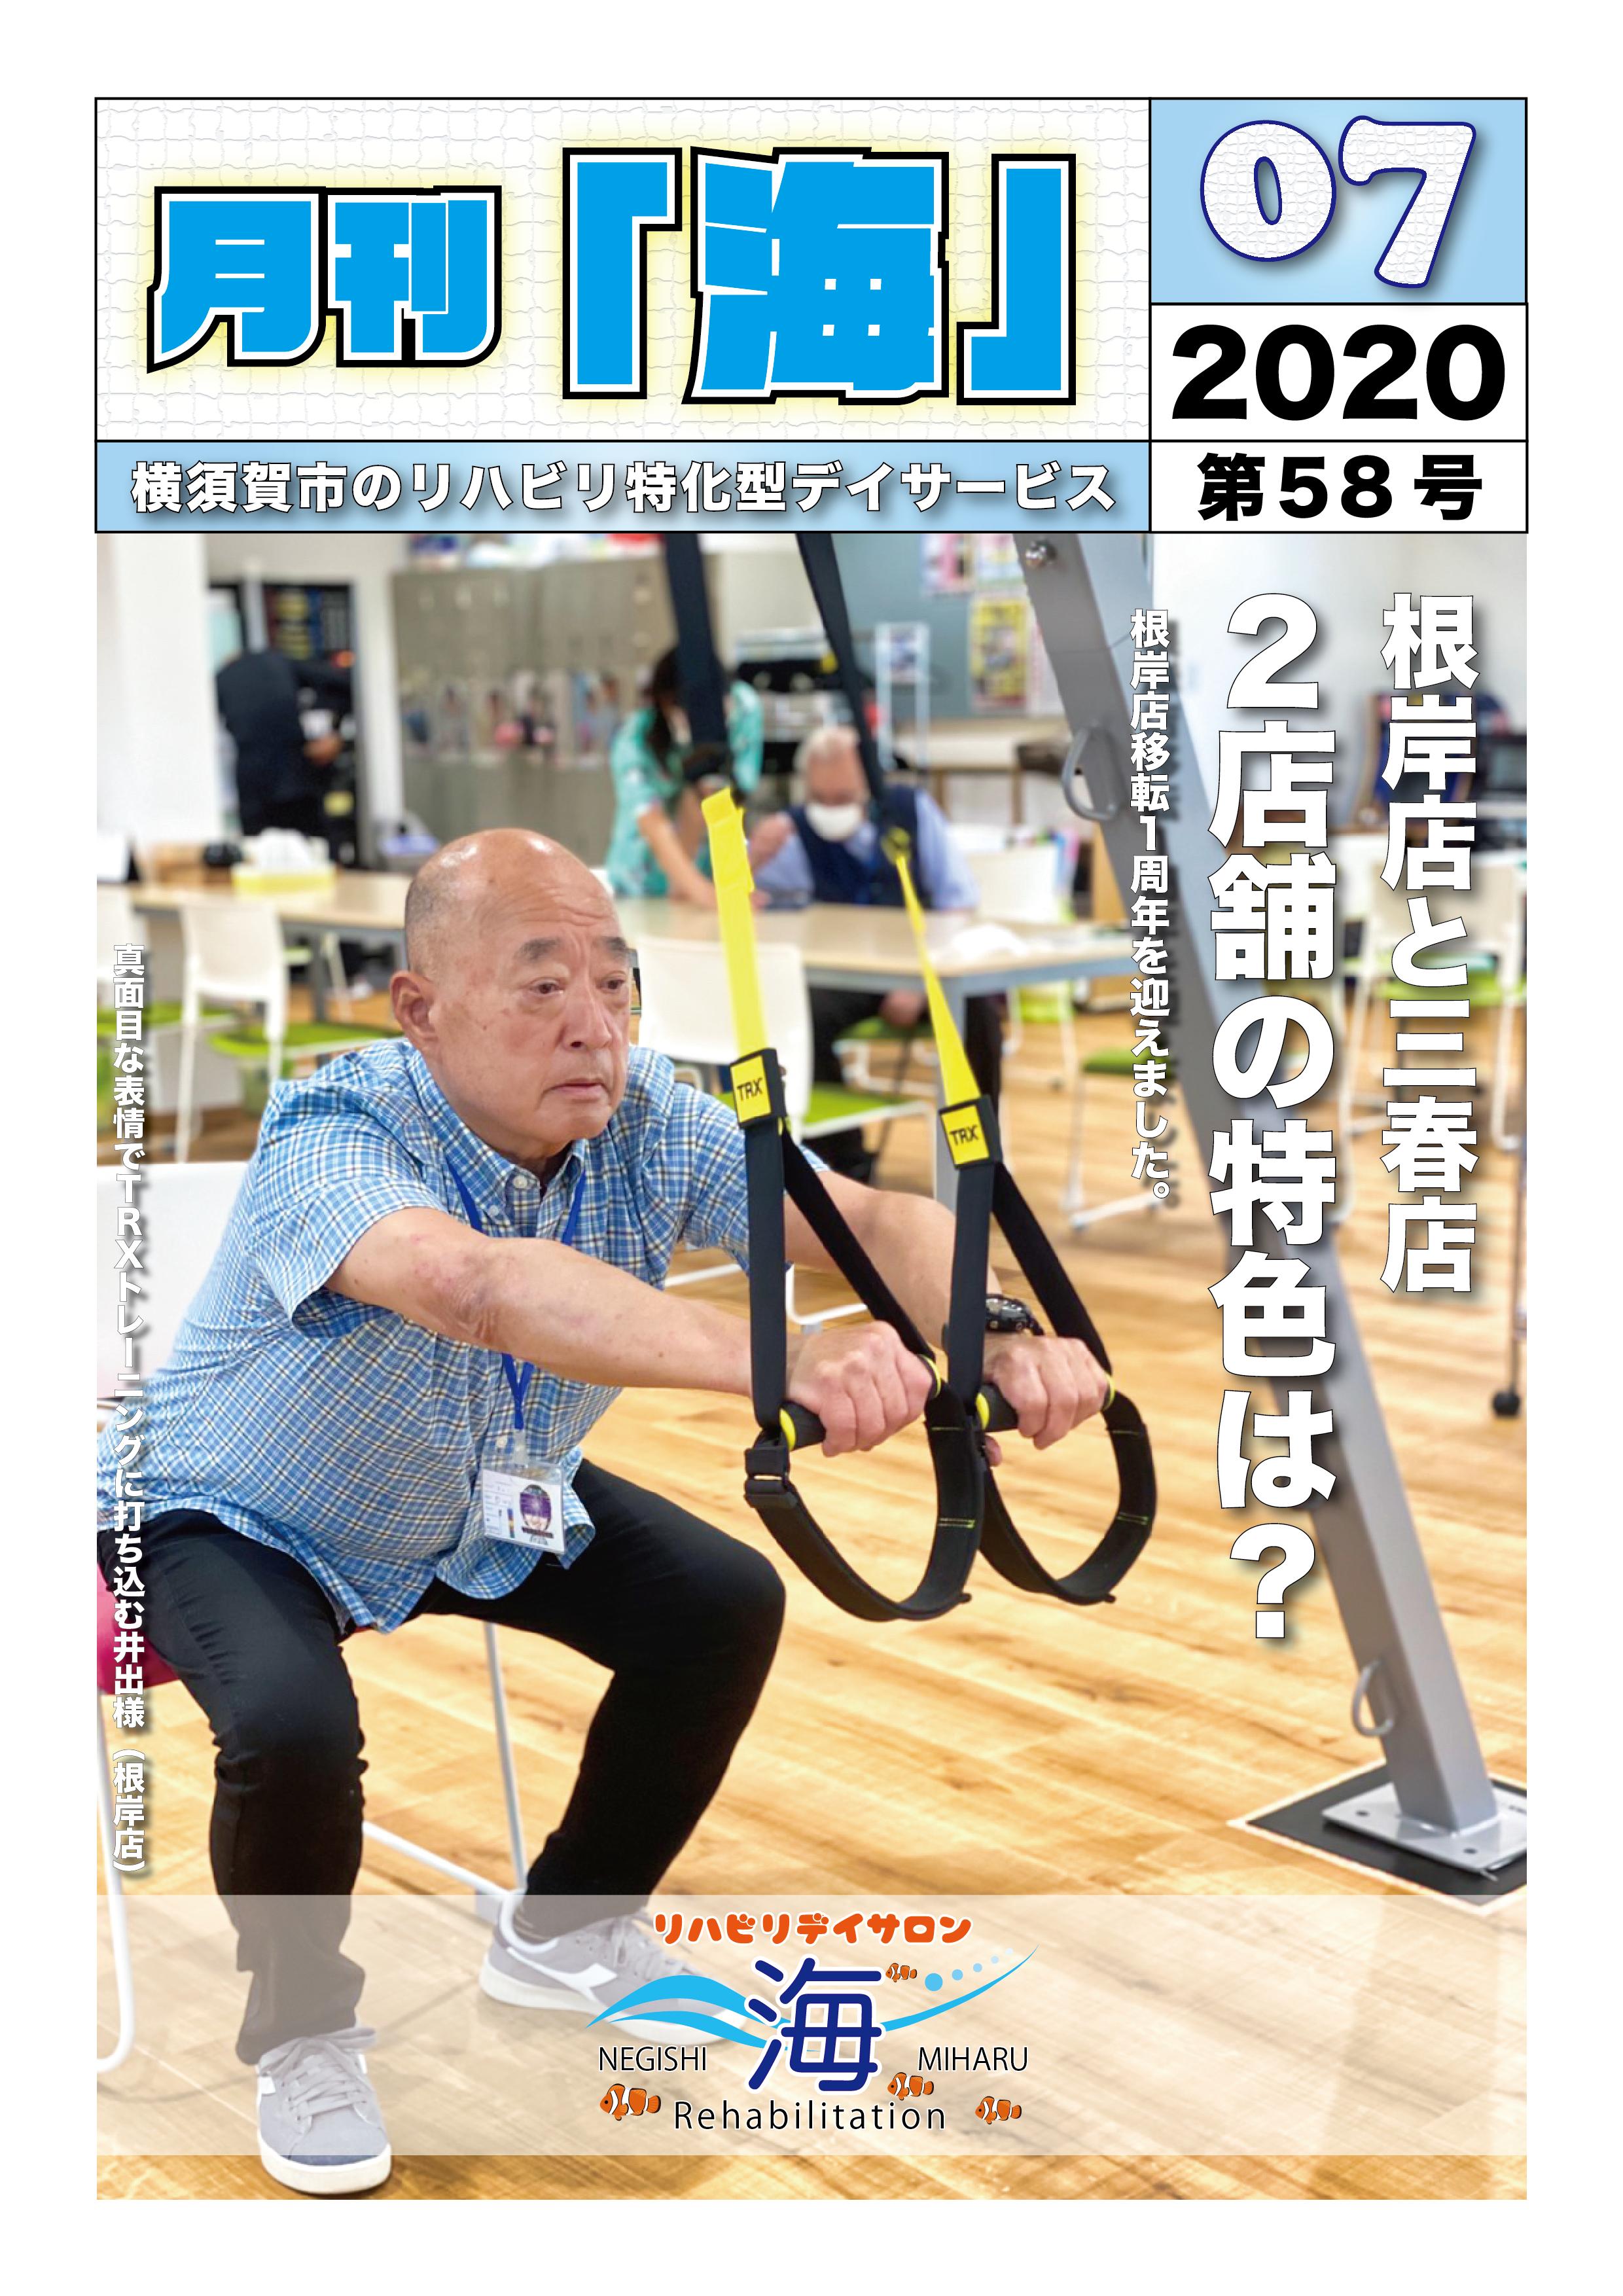 リハビリデイサロン「海」広報誌 第58号